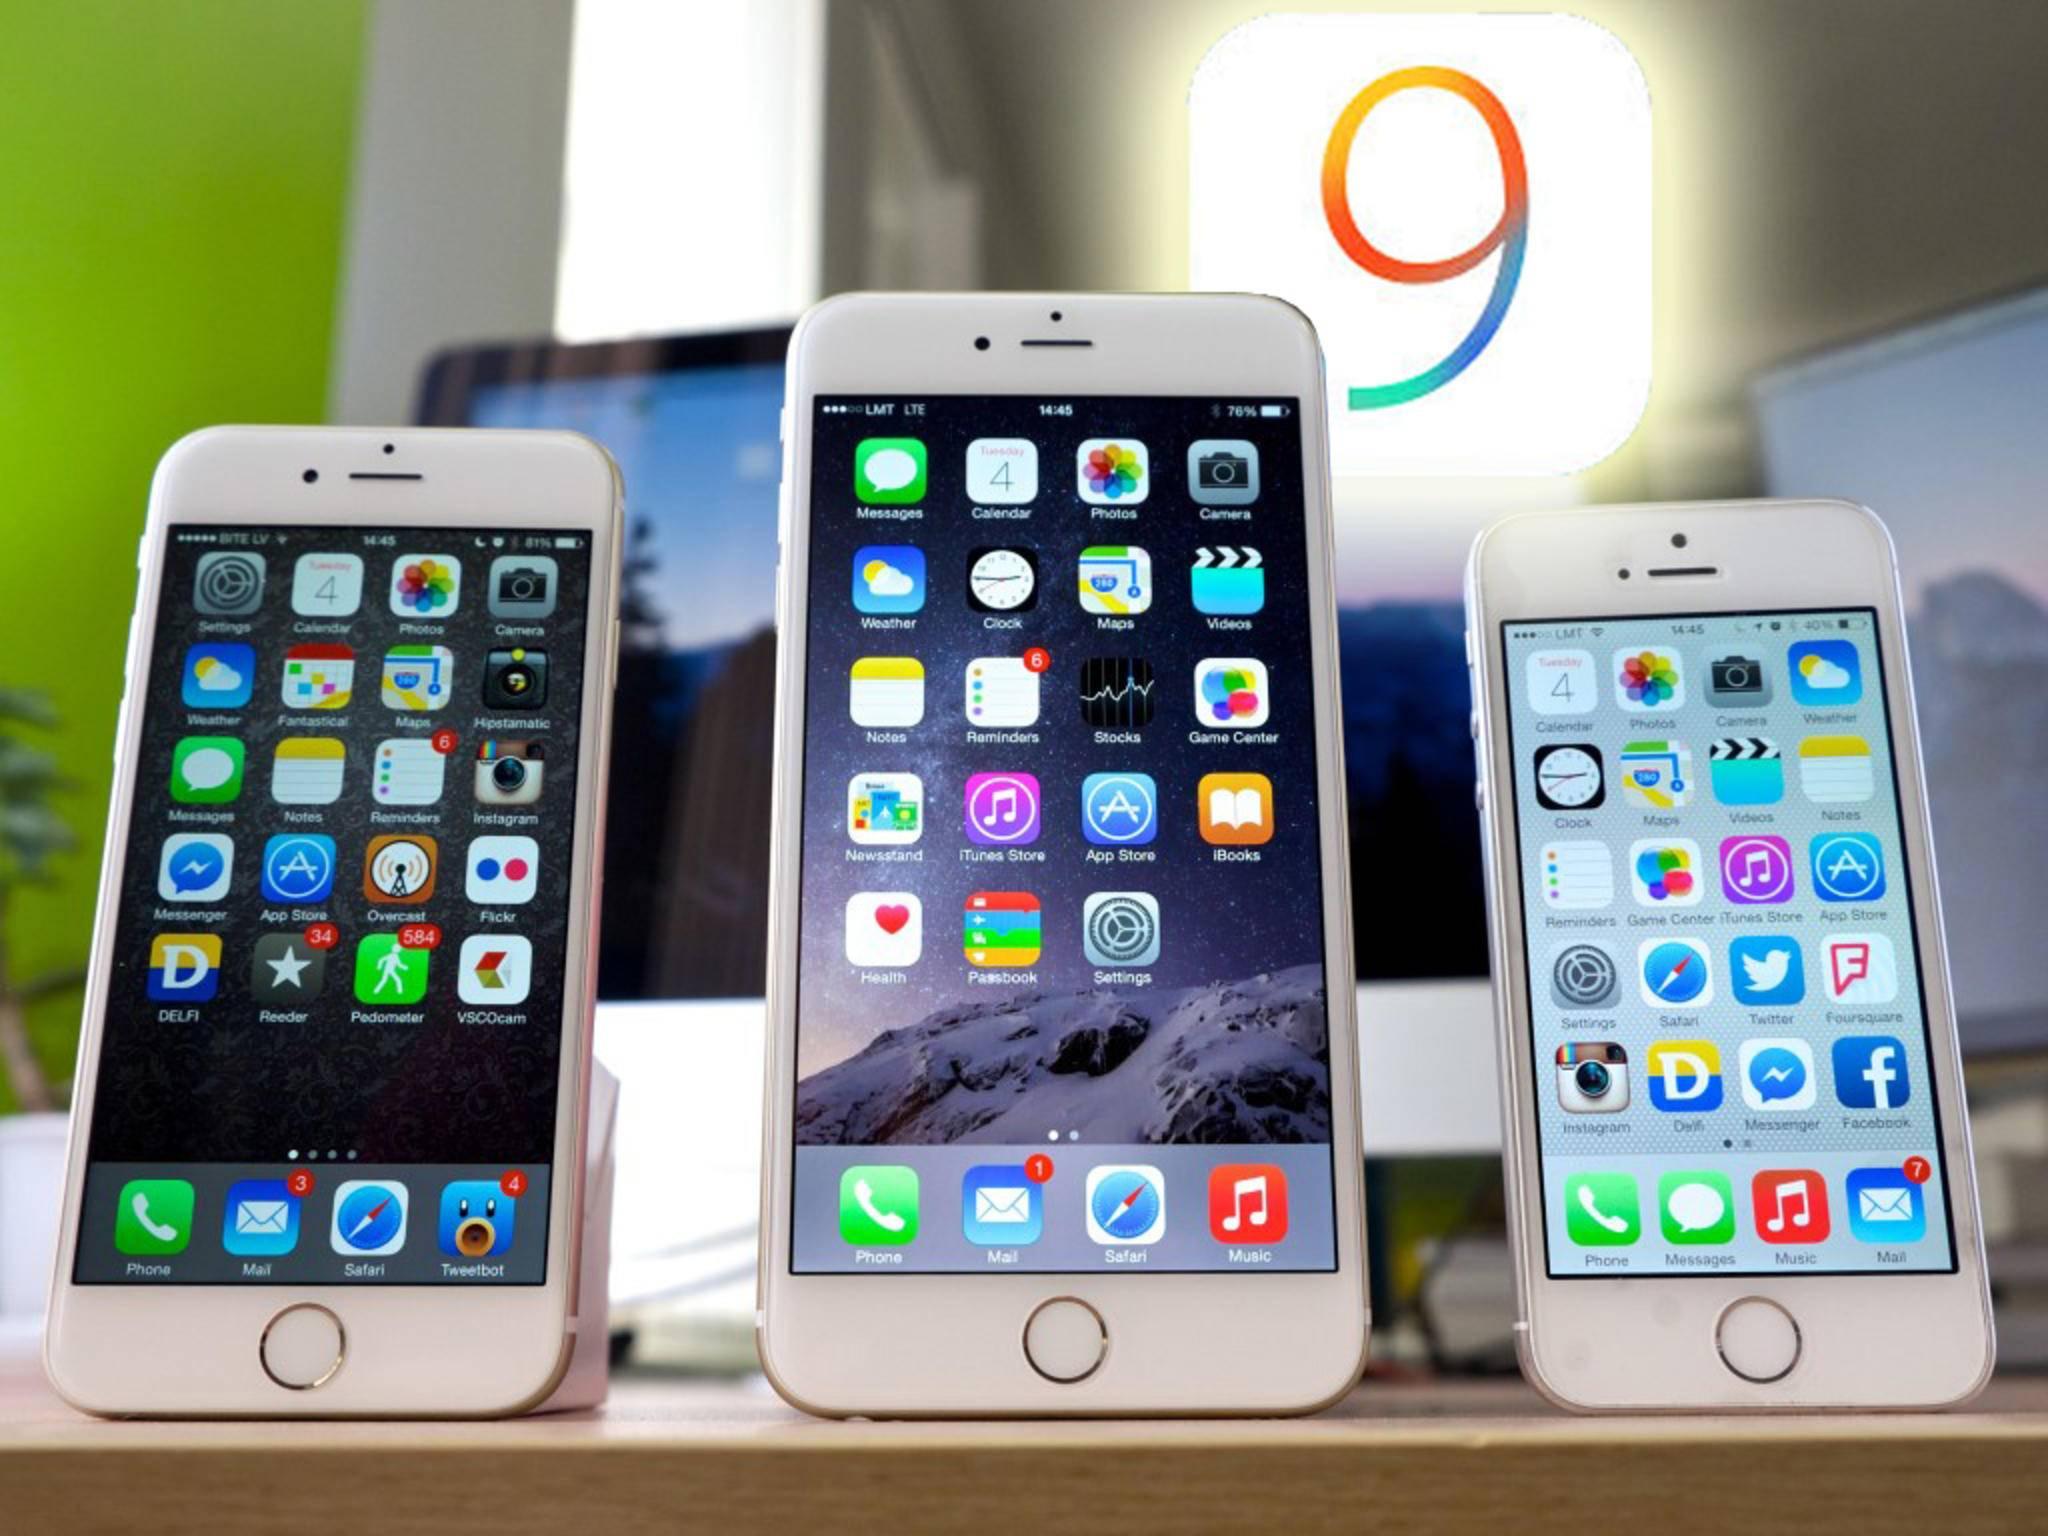 Release des iPhone 6s am 25. September und Vorbestellungen ab dem 18. September möglich?